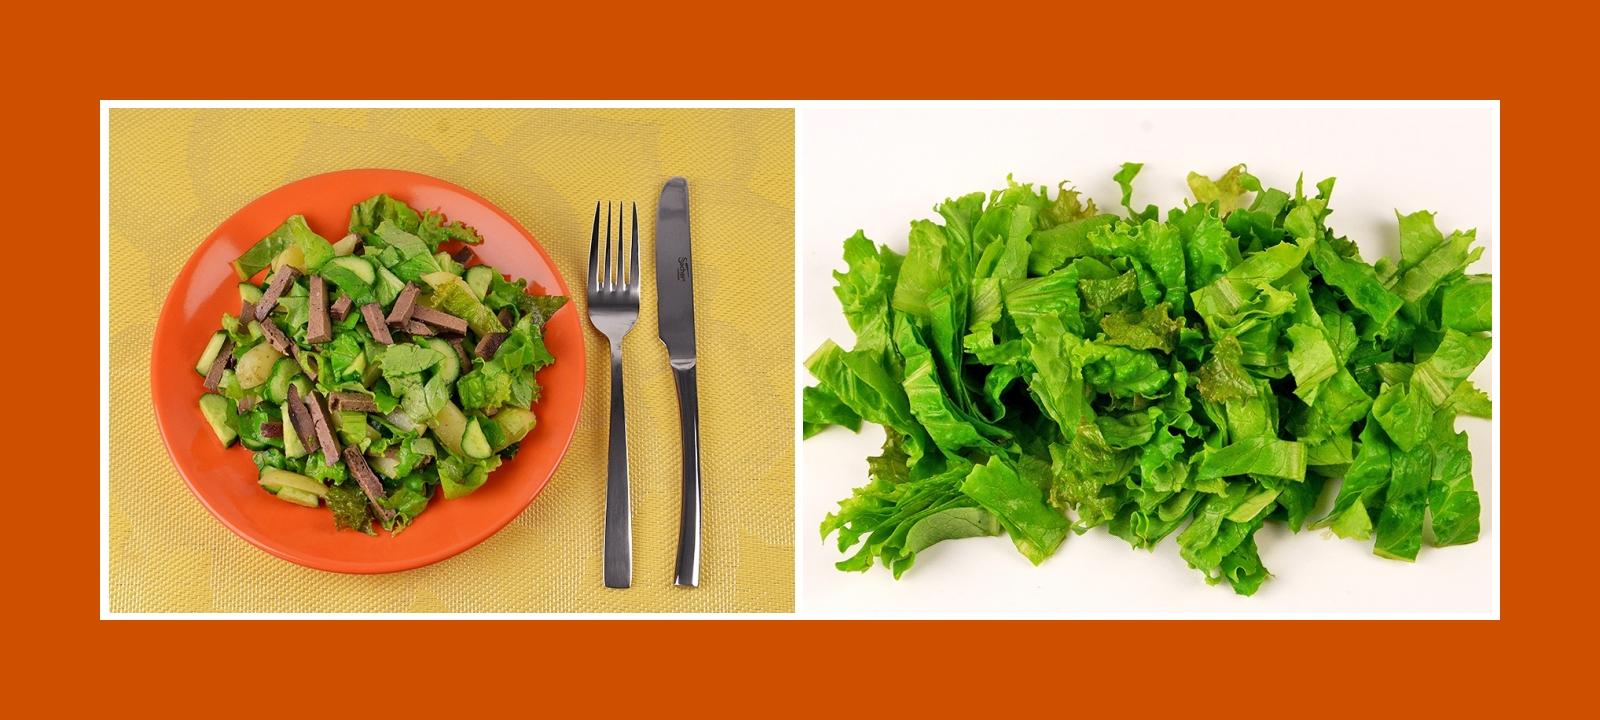 Salatblätter Salat für leckeren Lebersalat Kartoffelsalat